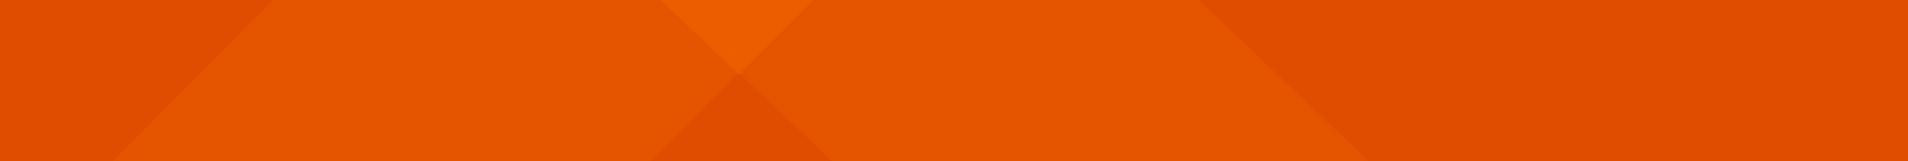 Fondo Tiles Naranja.png